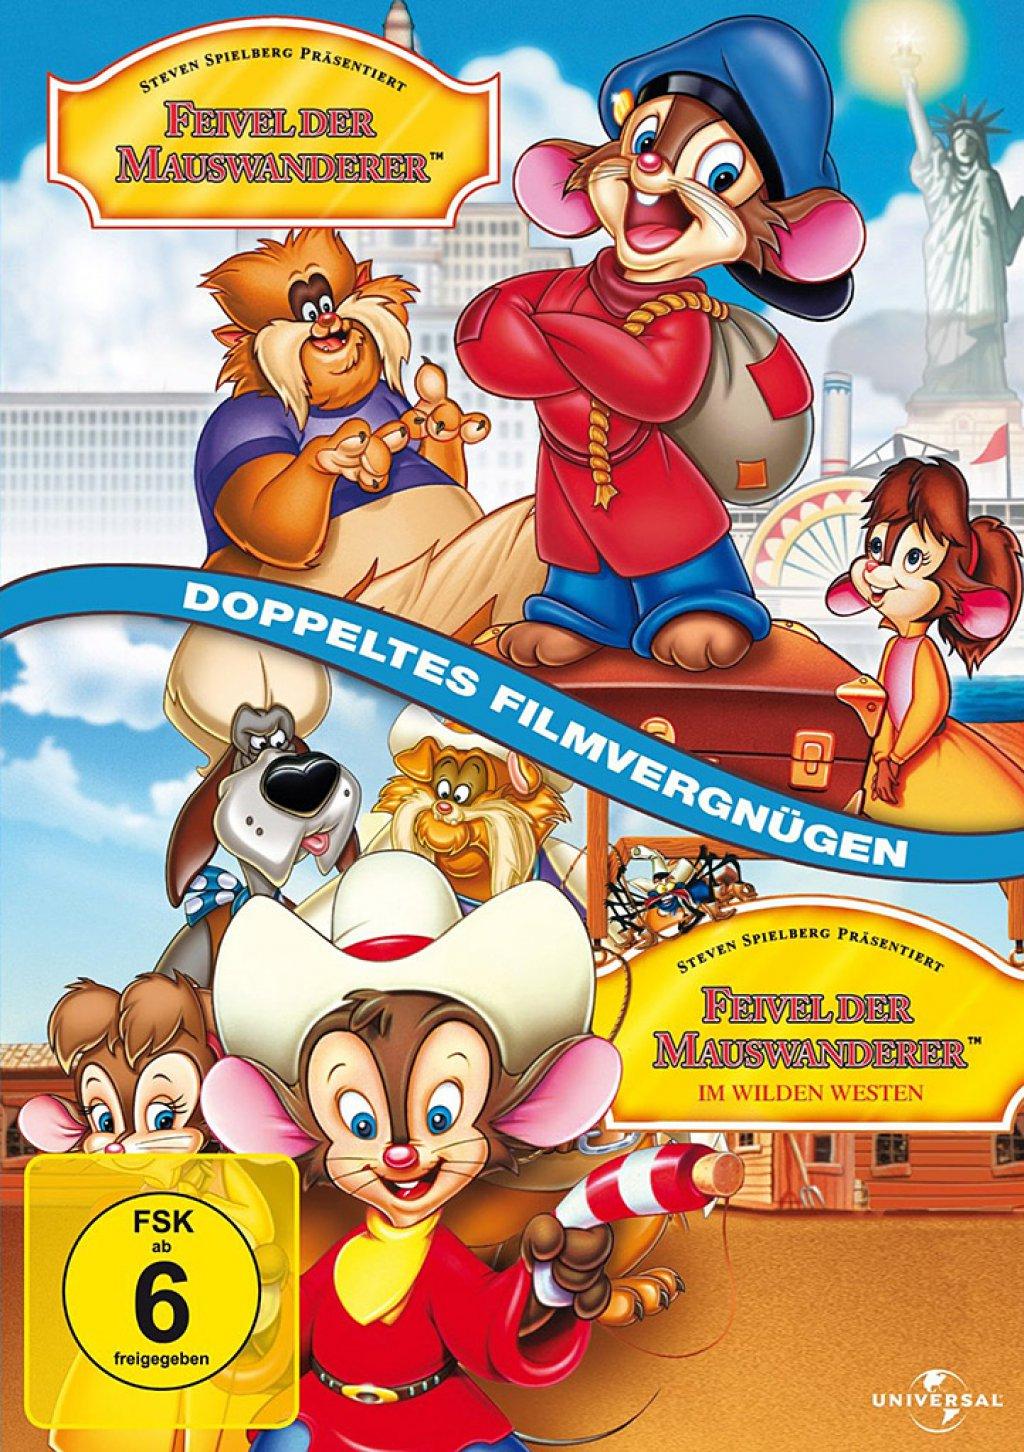 Feivel der Mauswanderer & Feivel der Mauswanderer 2 - Im Wilden Westen (DVD)